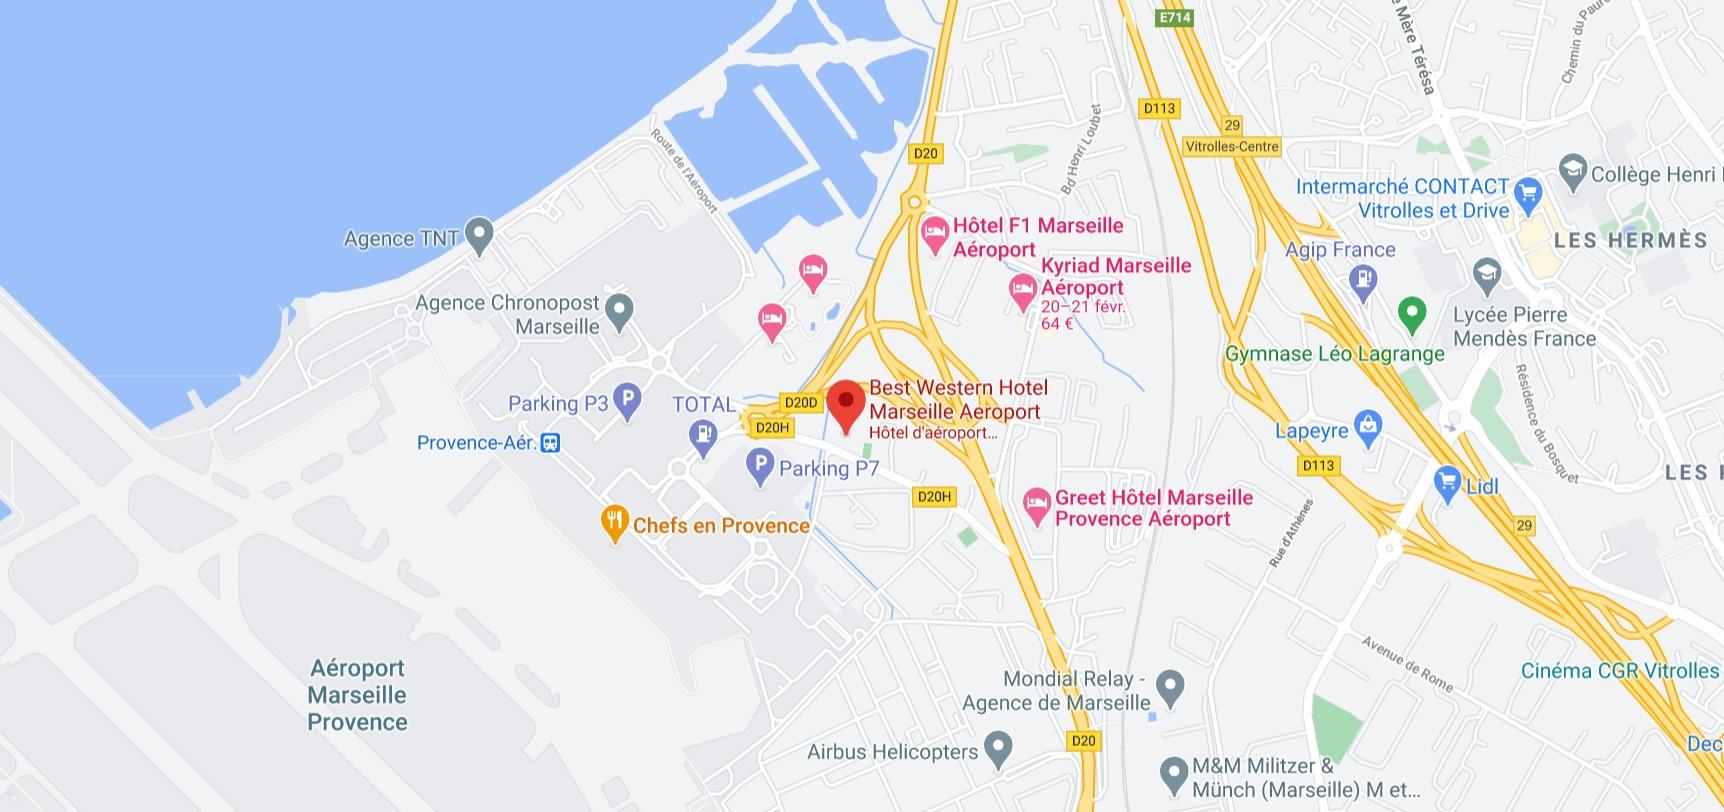 Venir récupérer la commande - Best Western Marseille Aéroport